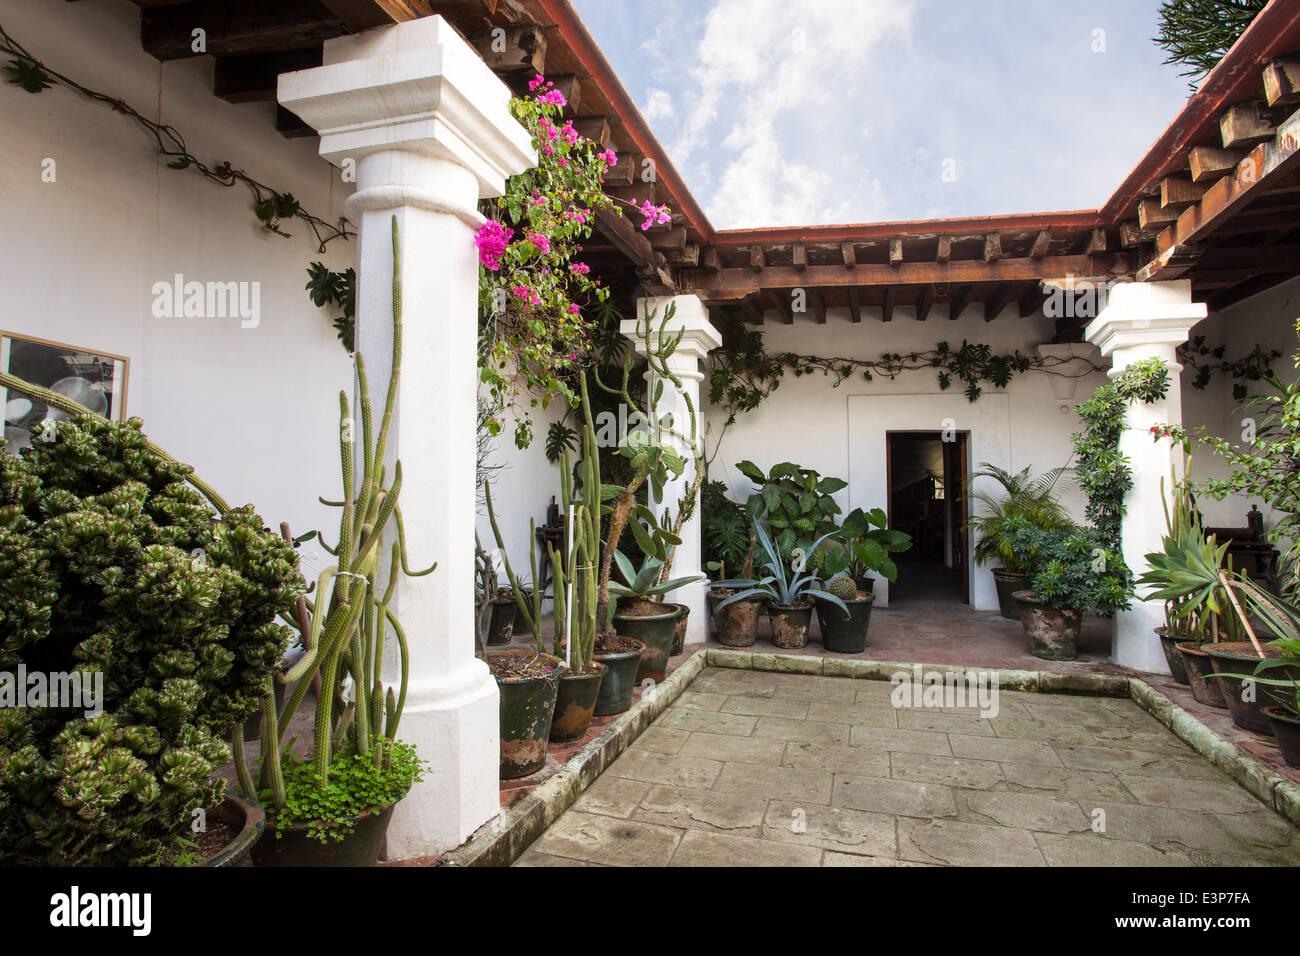 Patio d'une maison du 17ème siècle dans le centre historique d'Oaxaca, au Mexique. Photo Stock